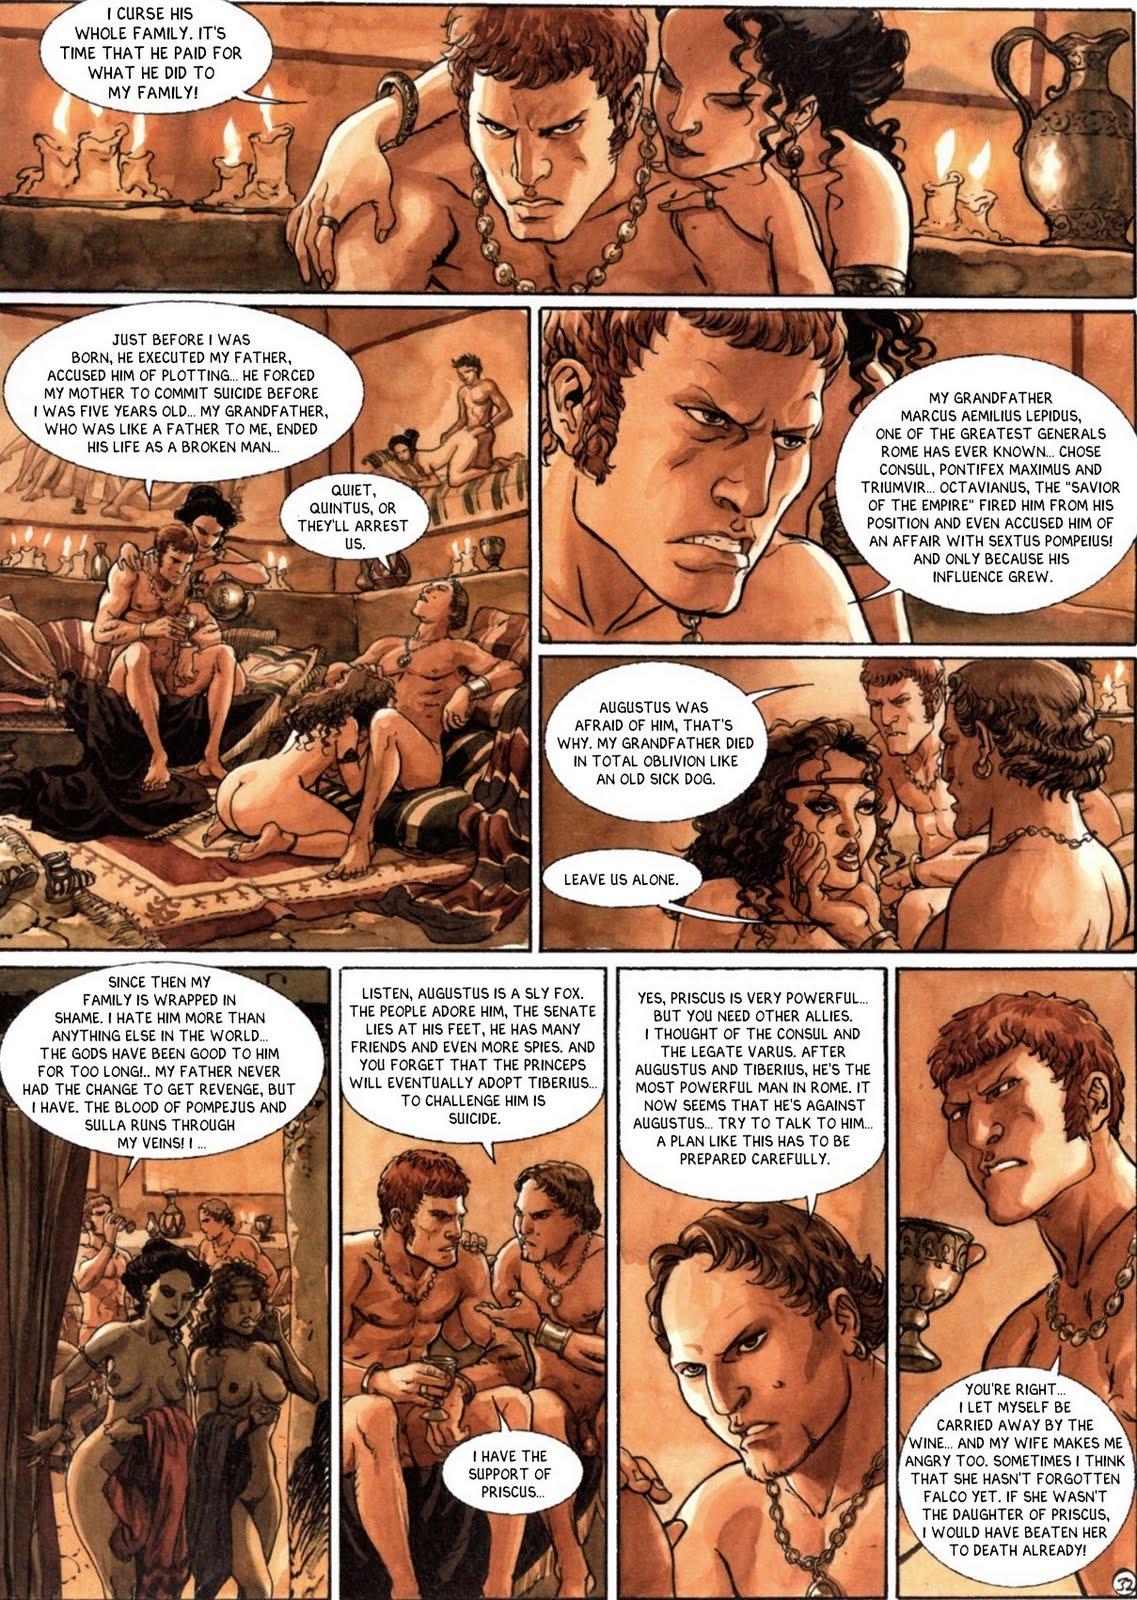 Смотреть онлайн яой комиксы 2 фотография